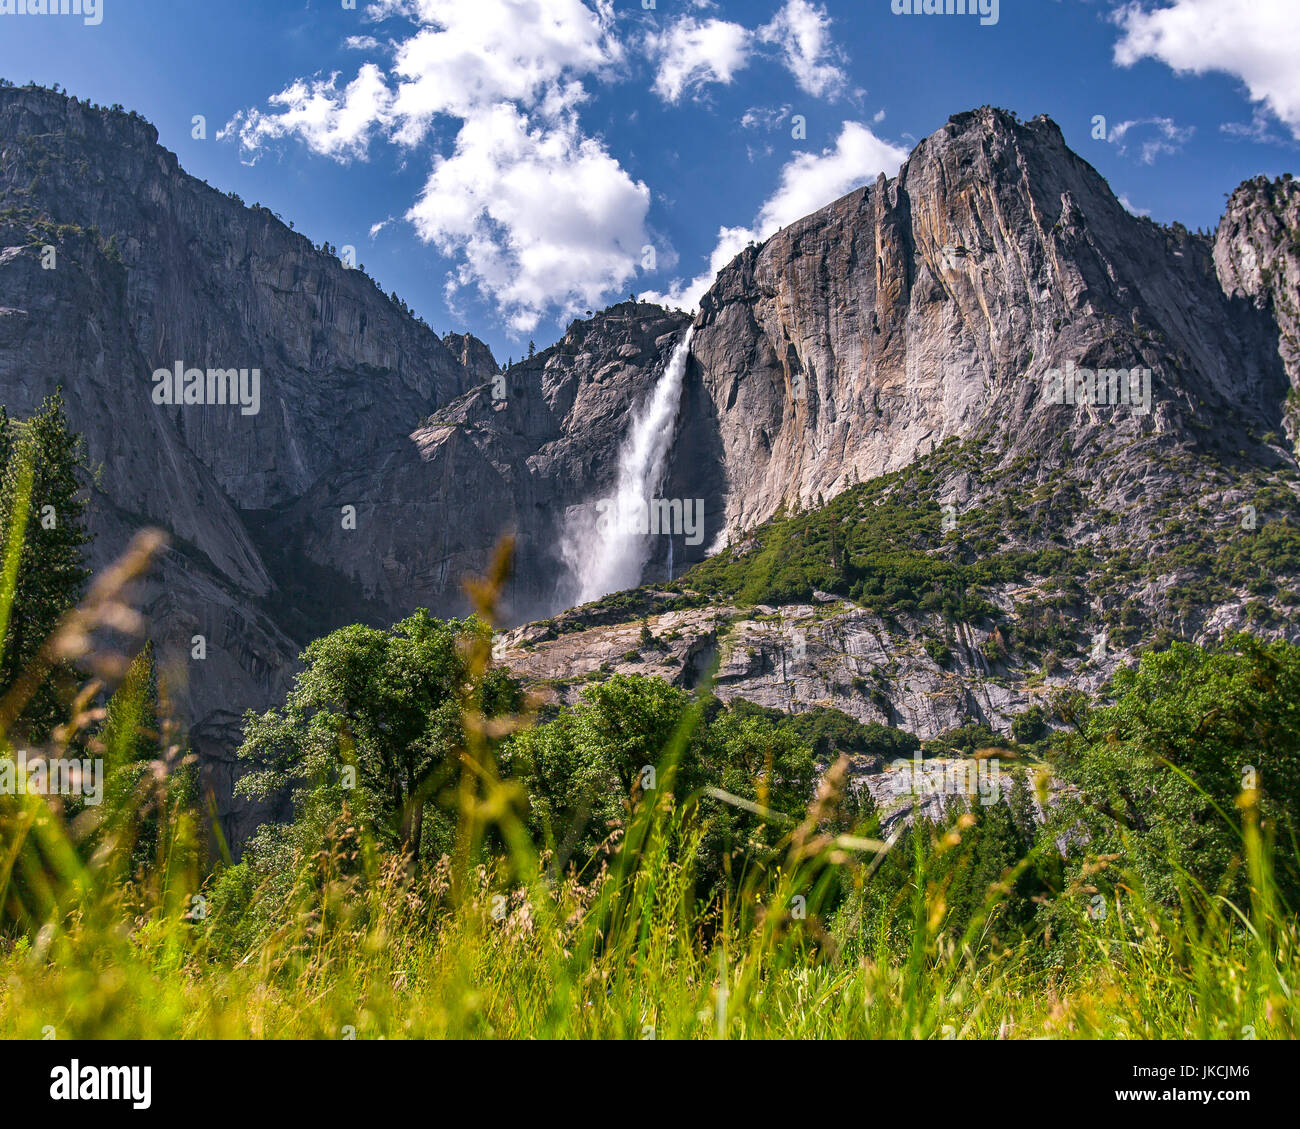 Erba alta è sfocata in primo piano con la vista maestosa di Yosemite Falls in background Immagini Stock